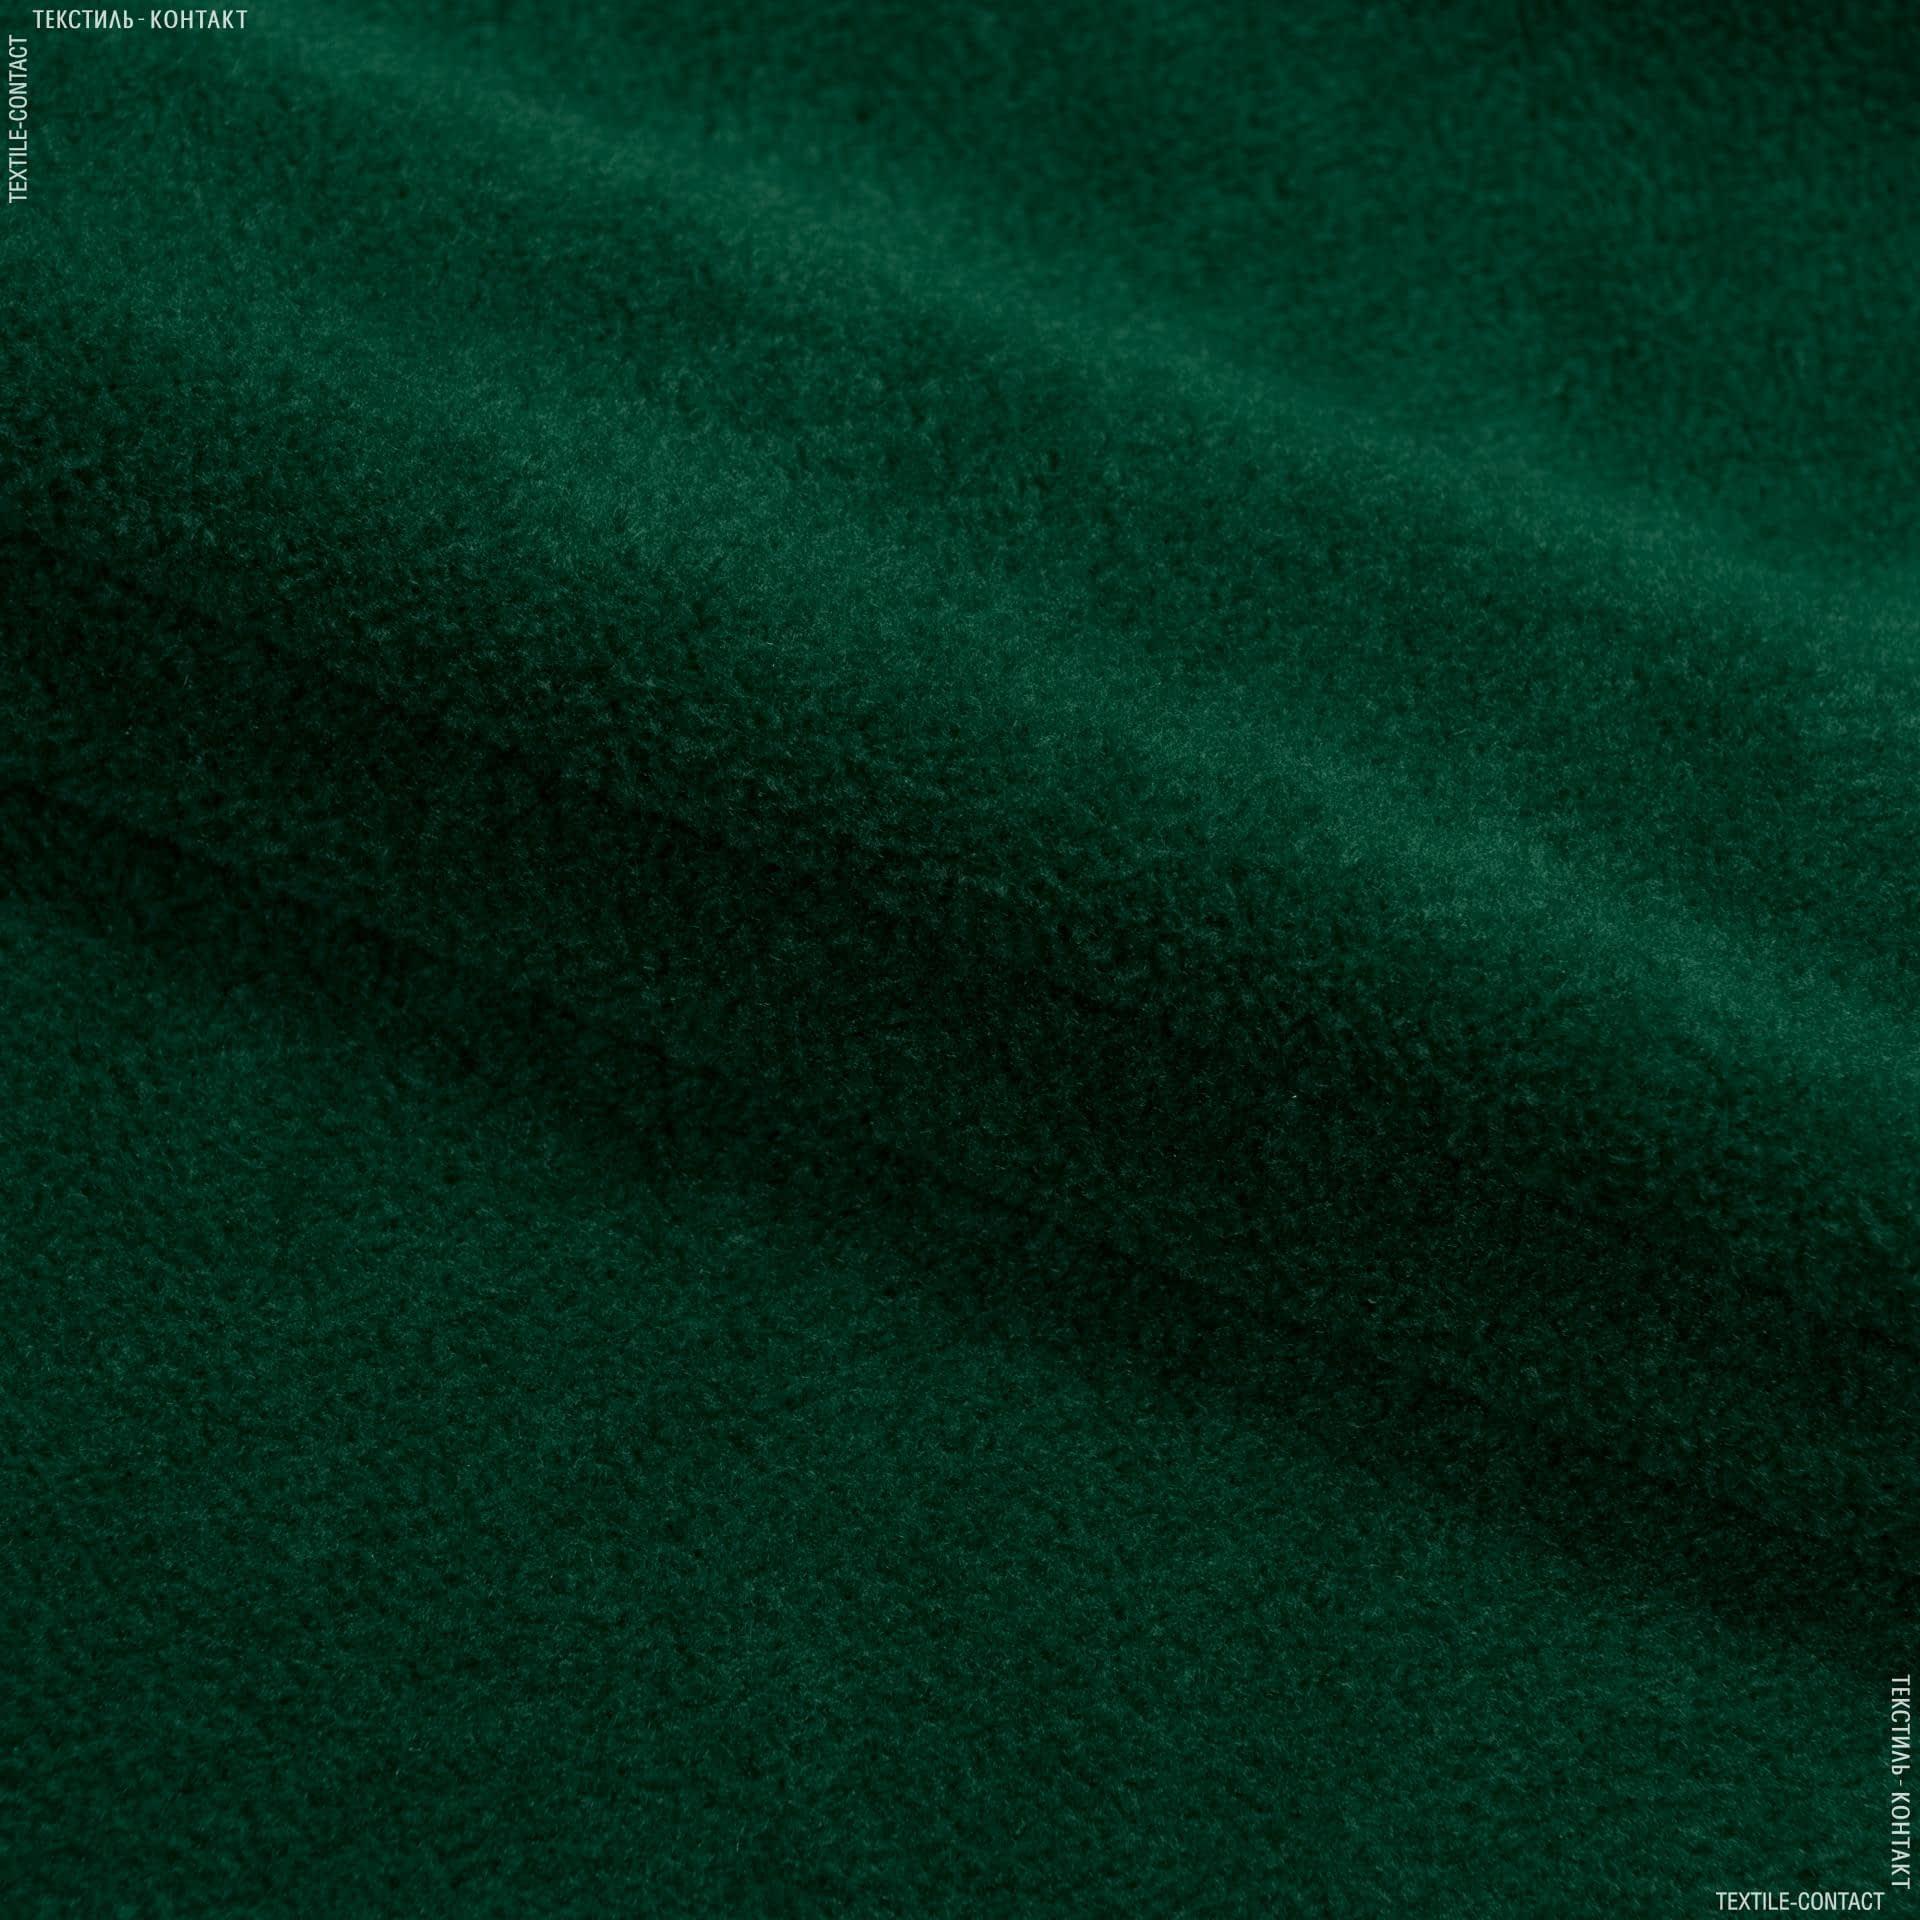 Тканини фліс - Фліс темно-зелений